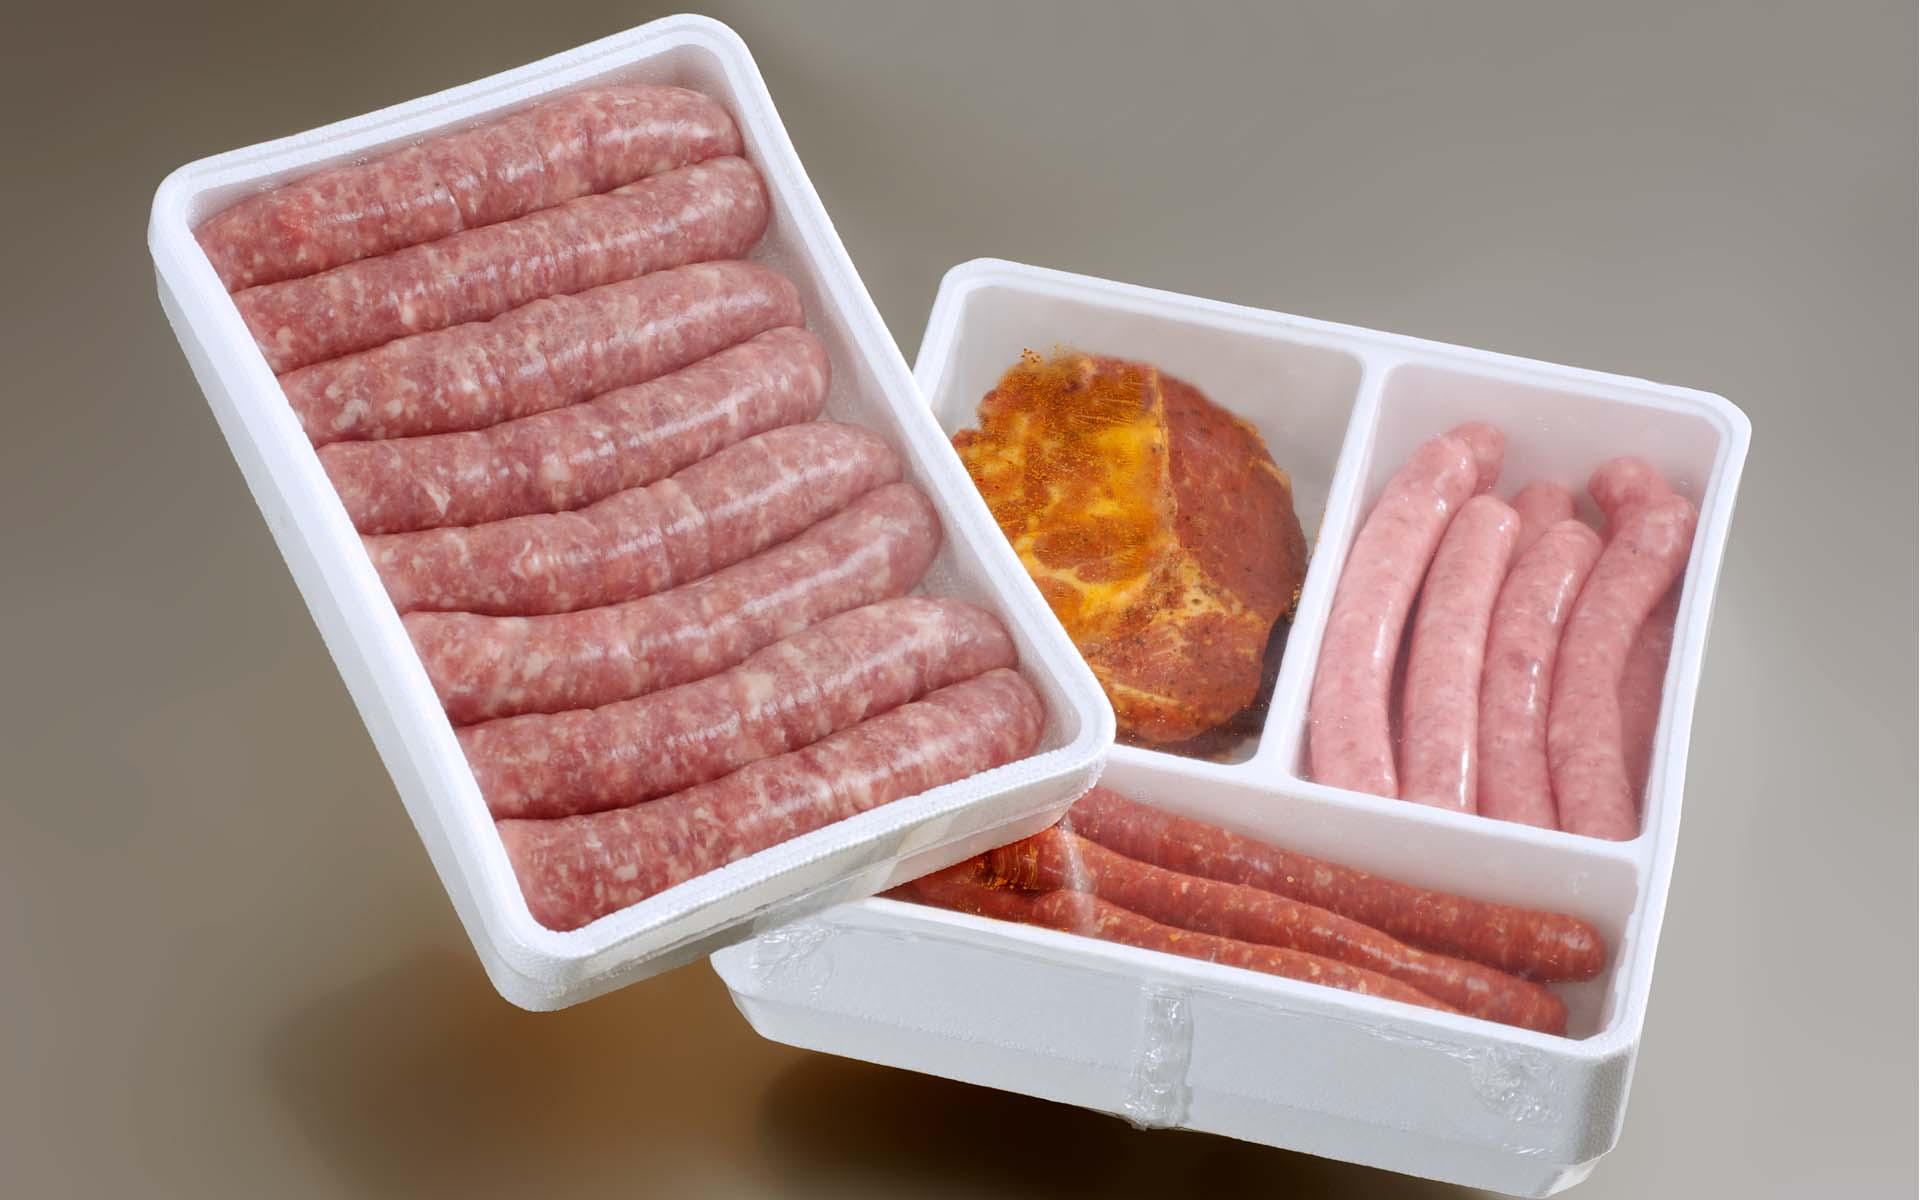 بسته بندی و نگهداری  محصولات غذایی